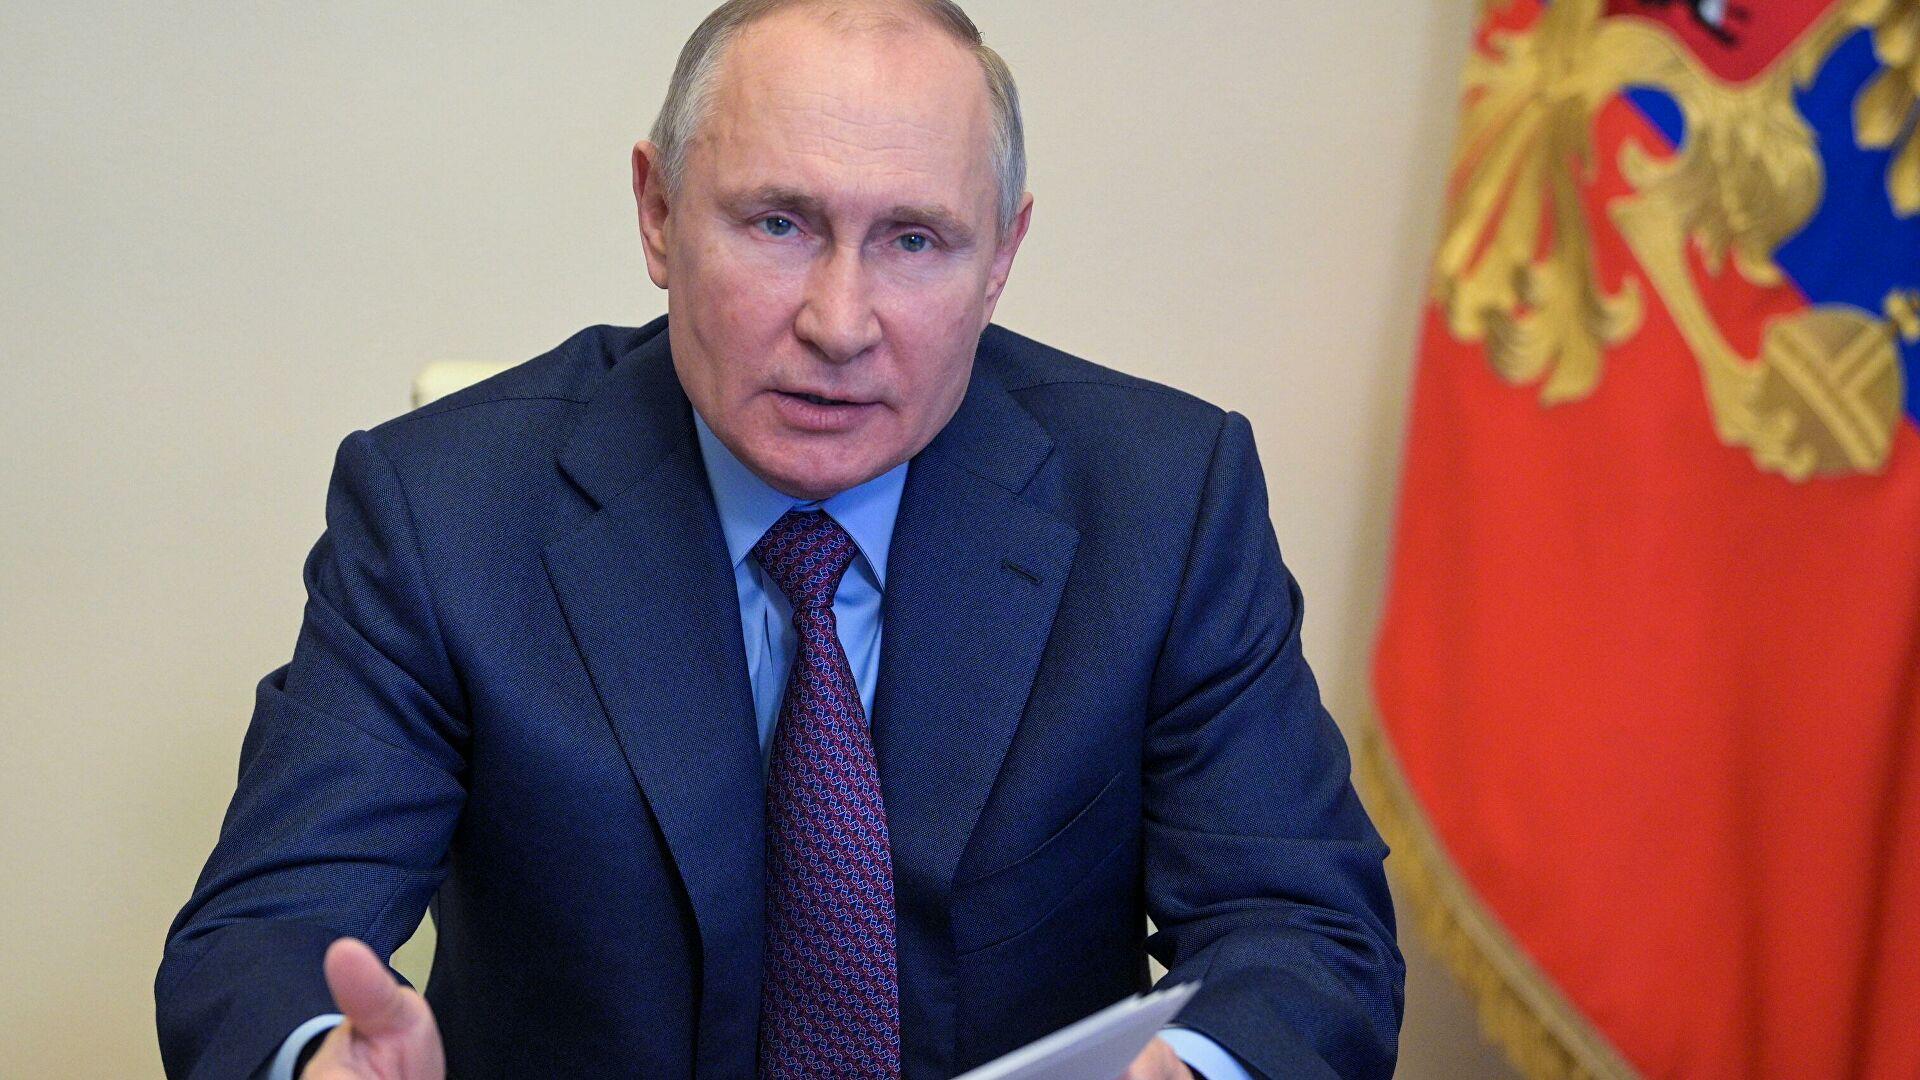 Песков: Путин разговарао са Бајденом о покушају пуча у Белорусији